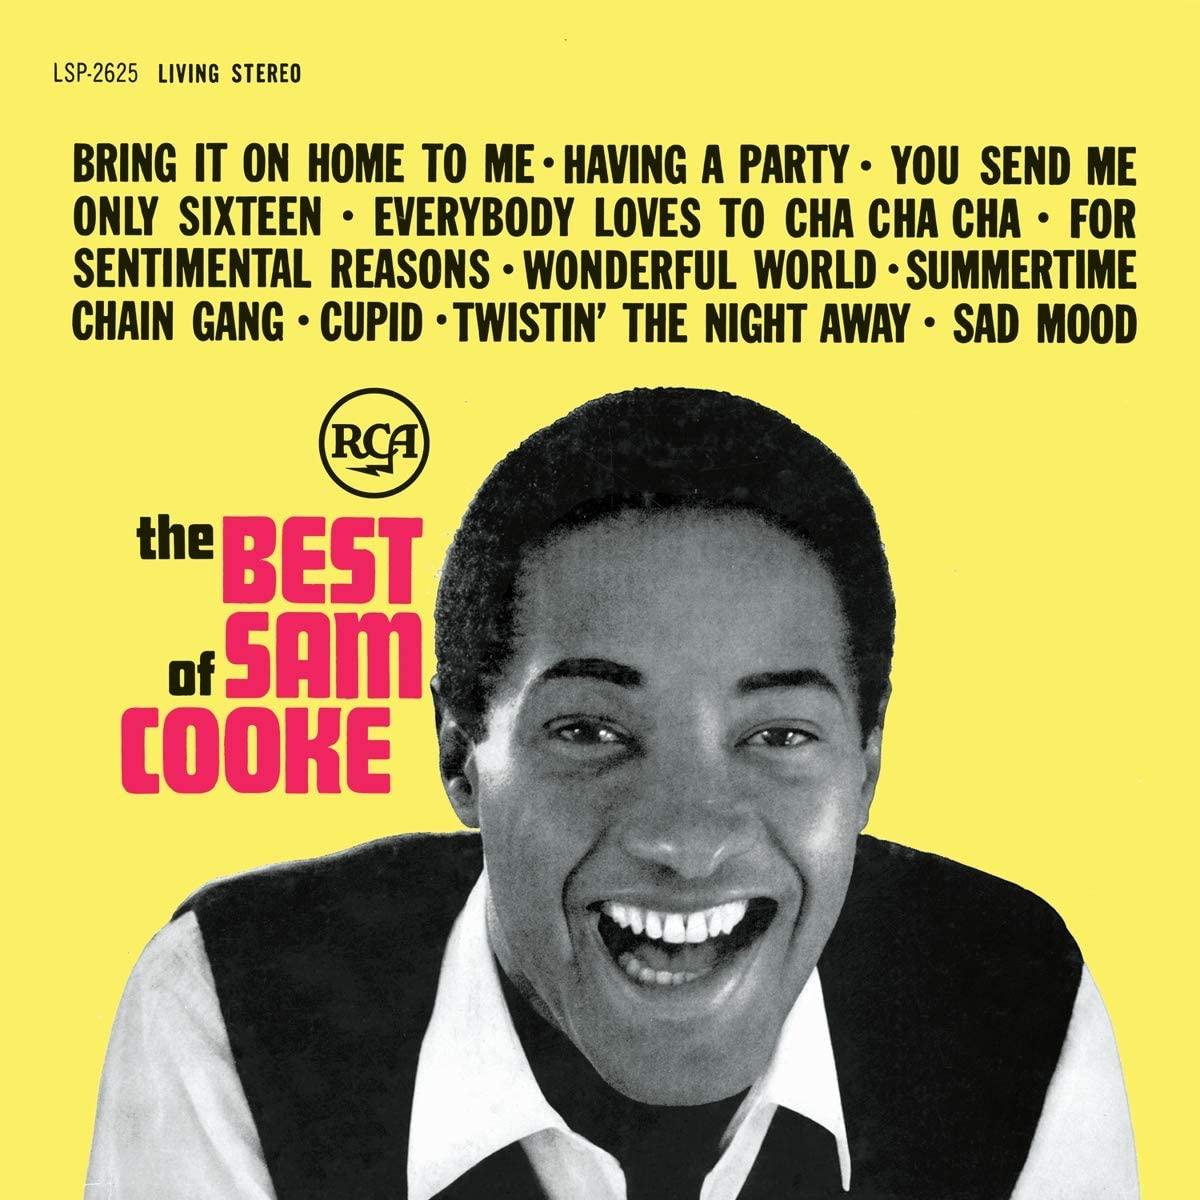 The Best Of Sam Cooke - Vinyl